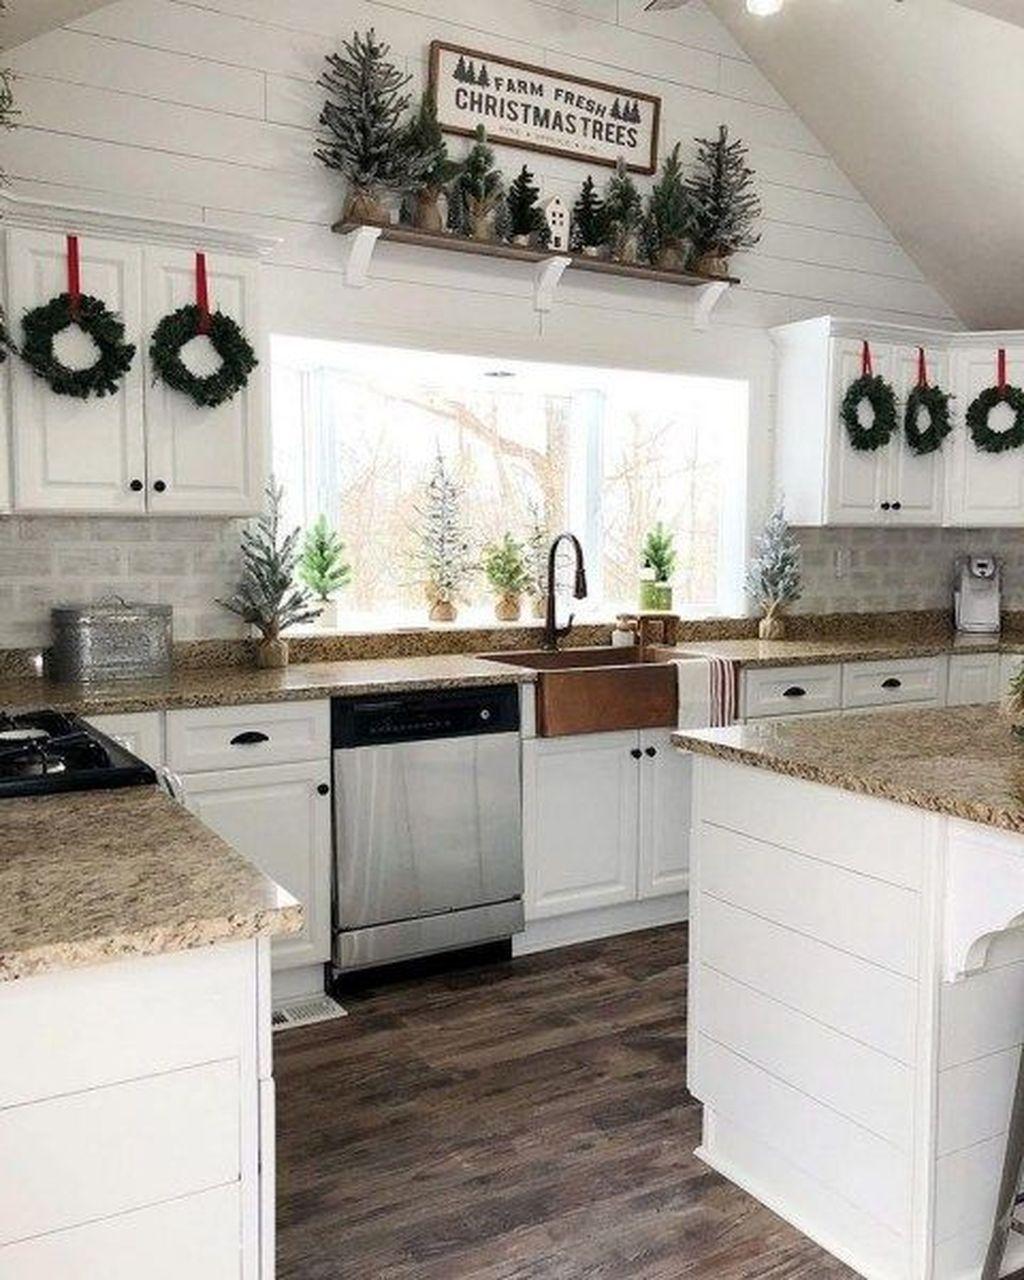 Awesome Christmas Theme Kitchen Decor Ideas 05